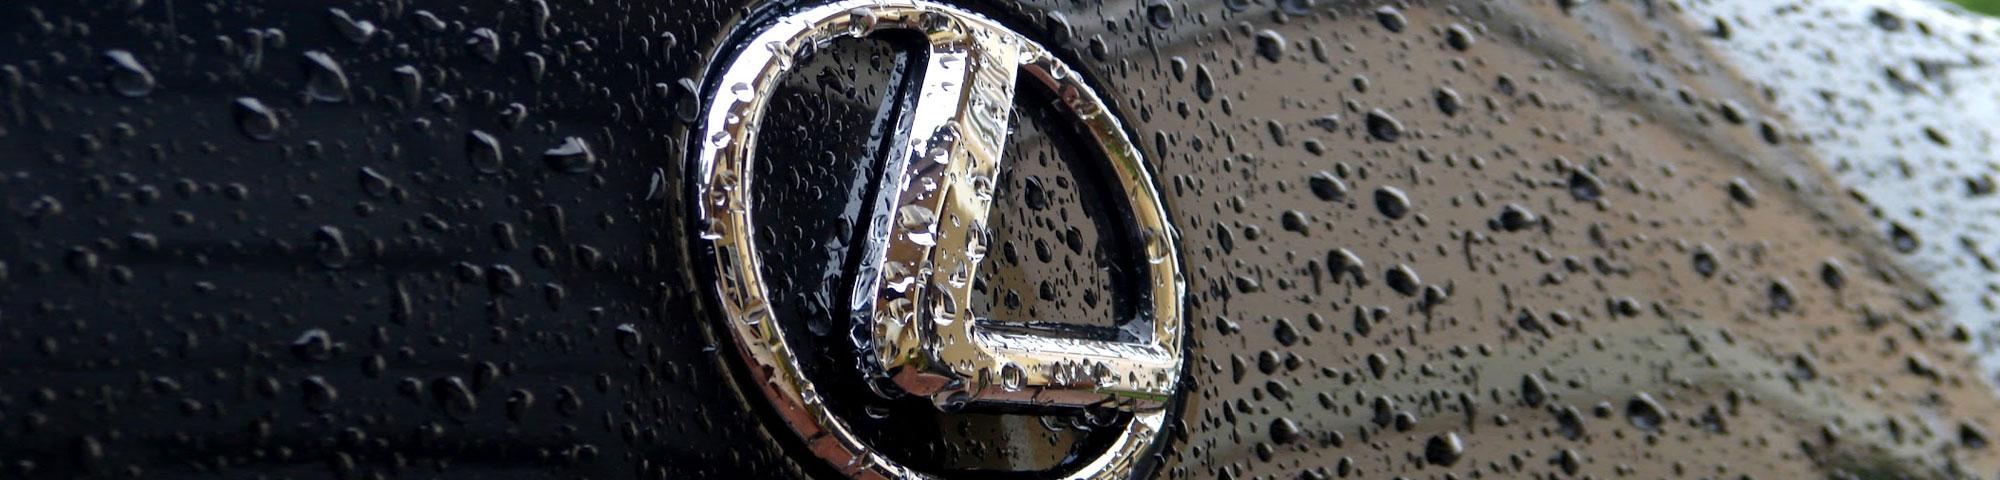 CLMS - Manufacturer - Lexus